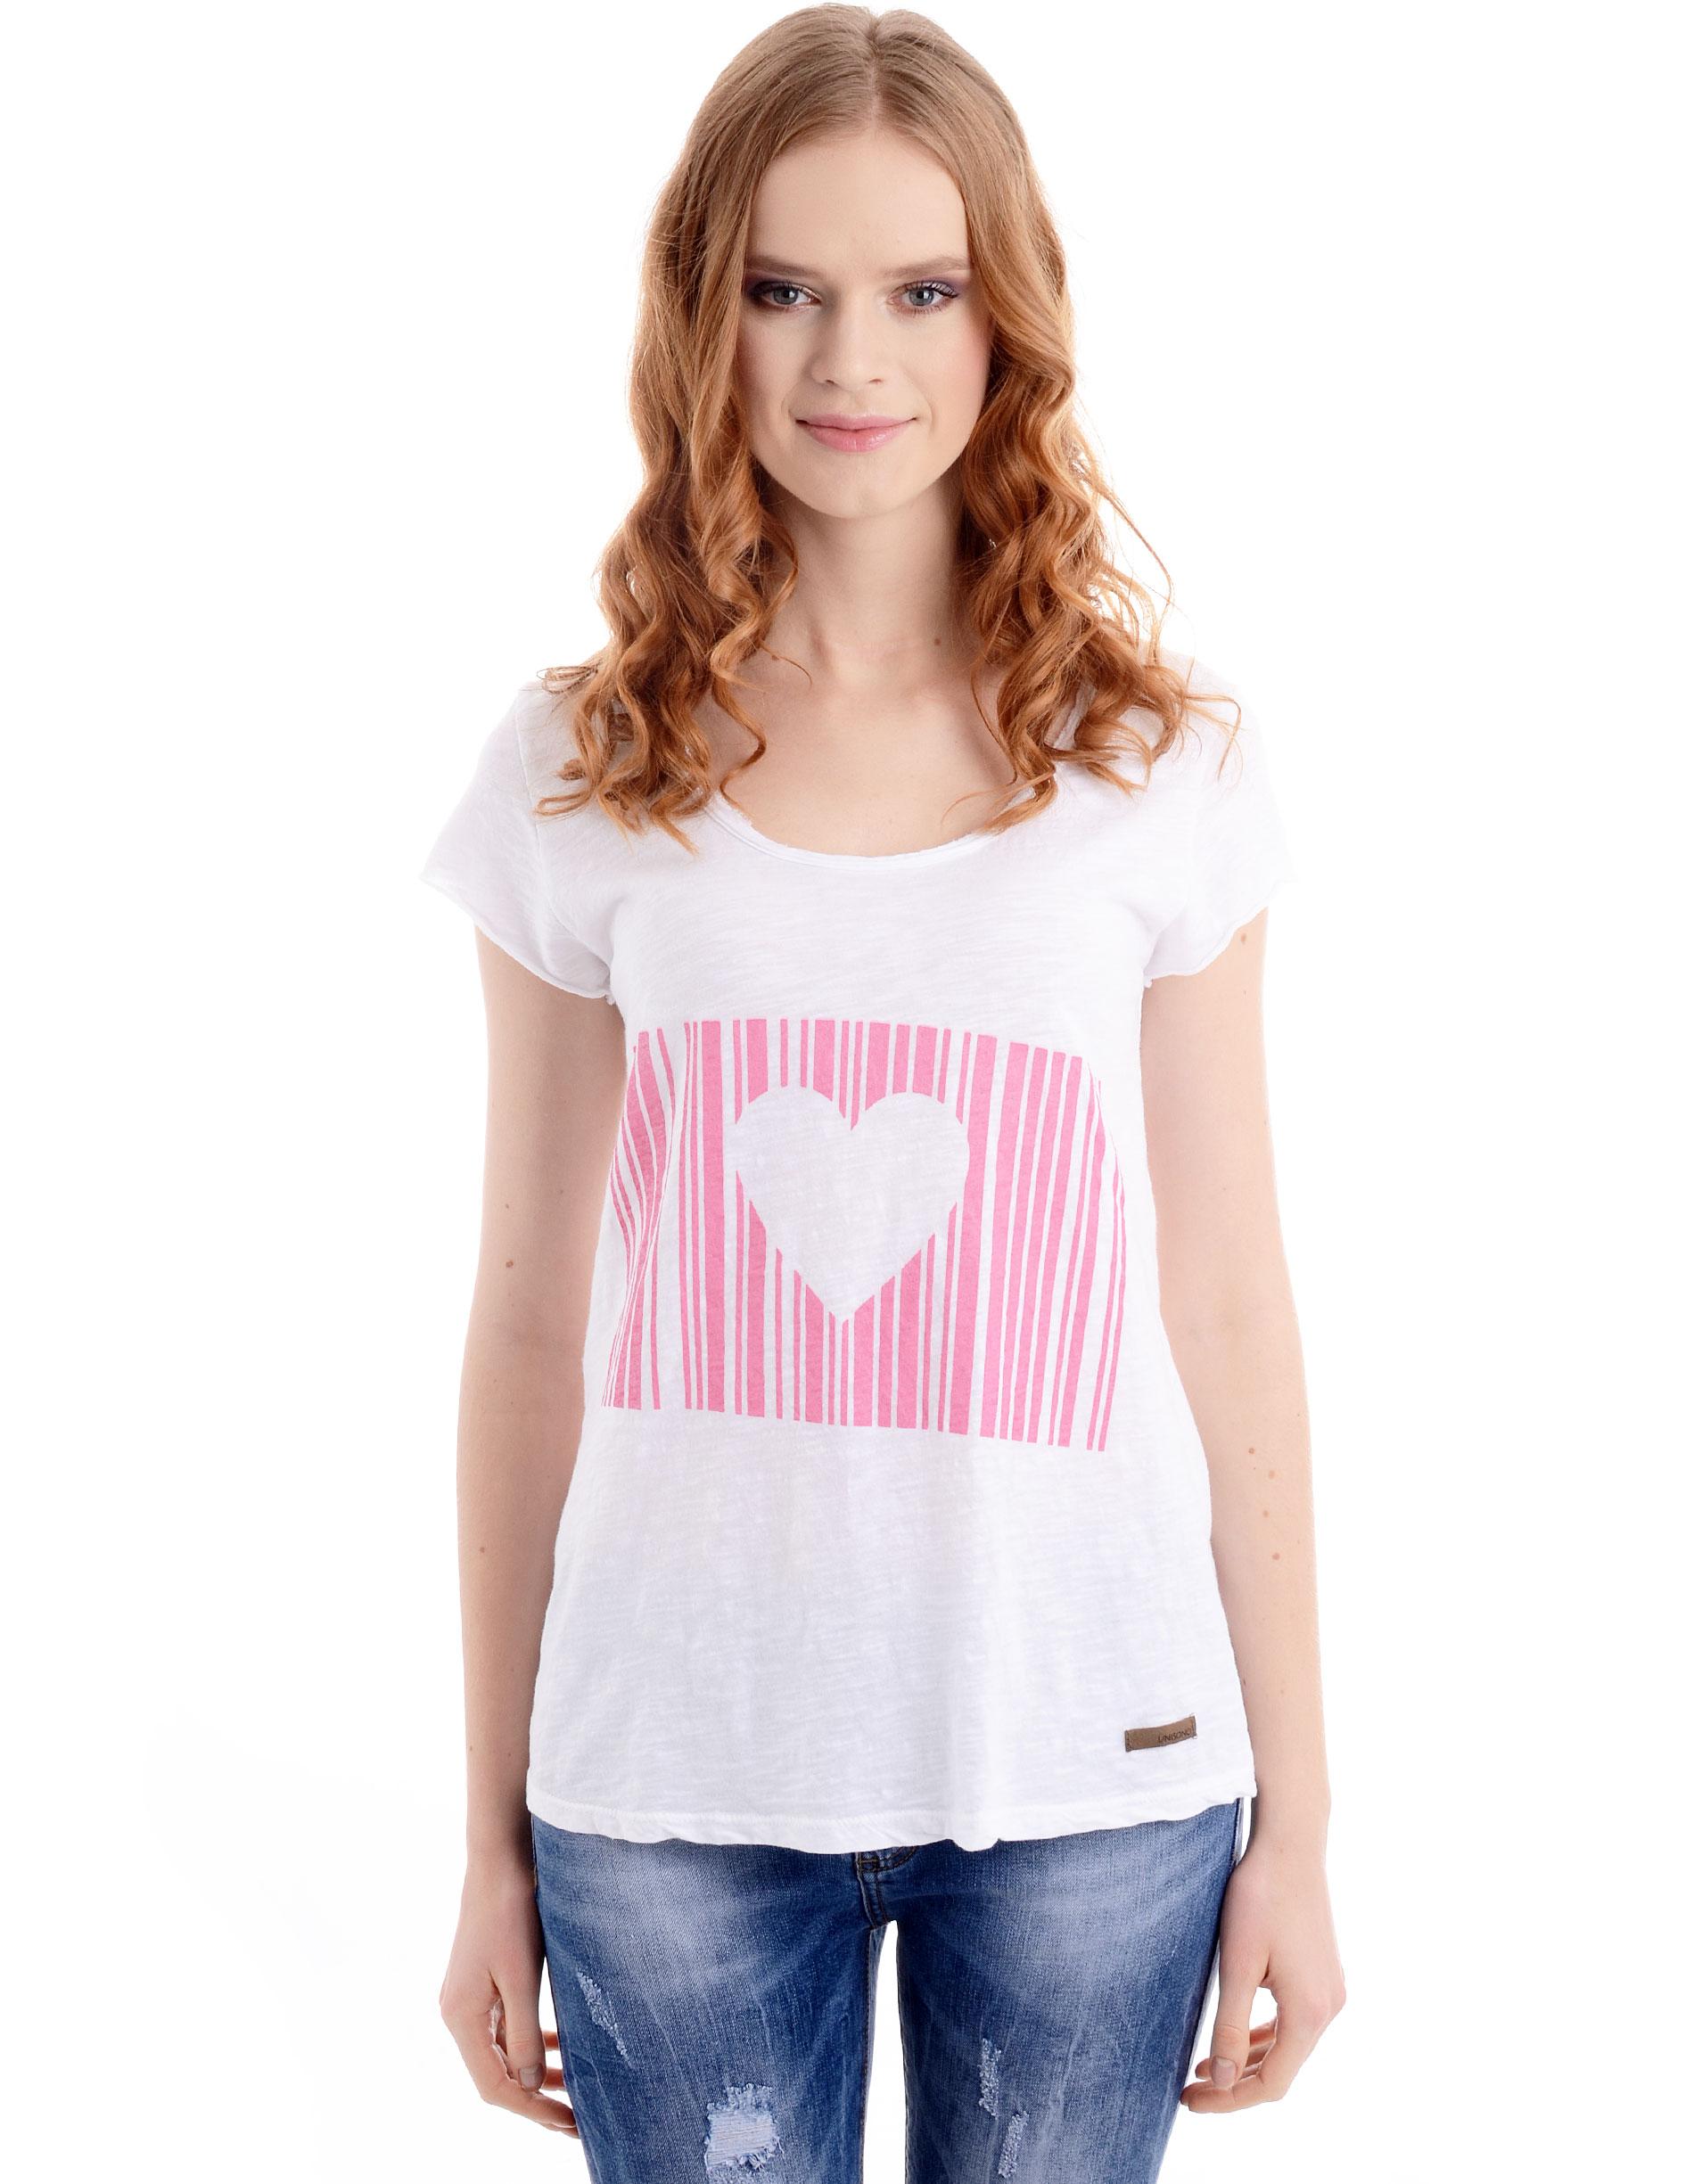 Bluzka - t-shirt - 119-166279C B - Unisono